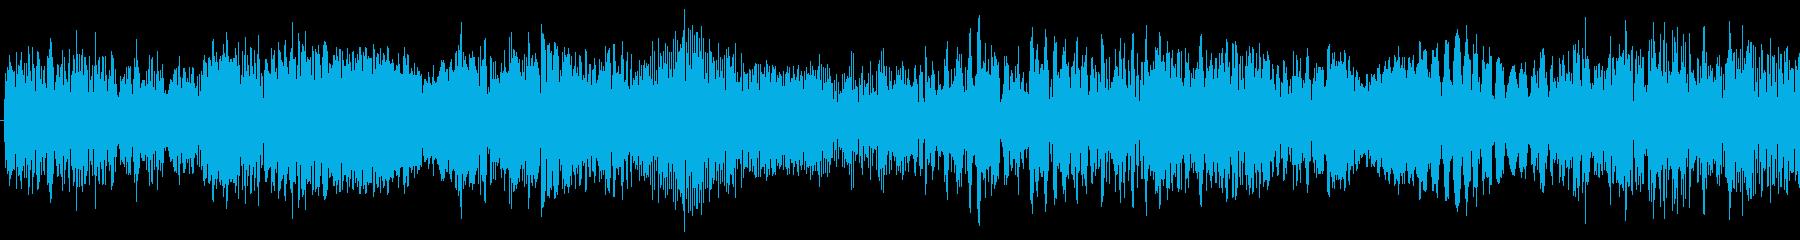 効果音をバラバラに音響編集した楽曲です。の再生済みの波形